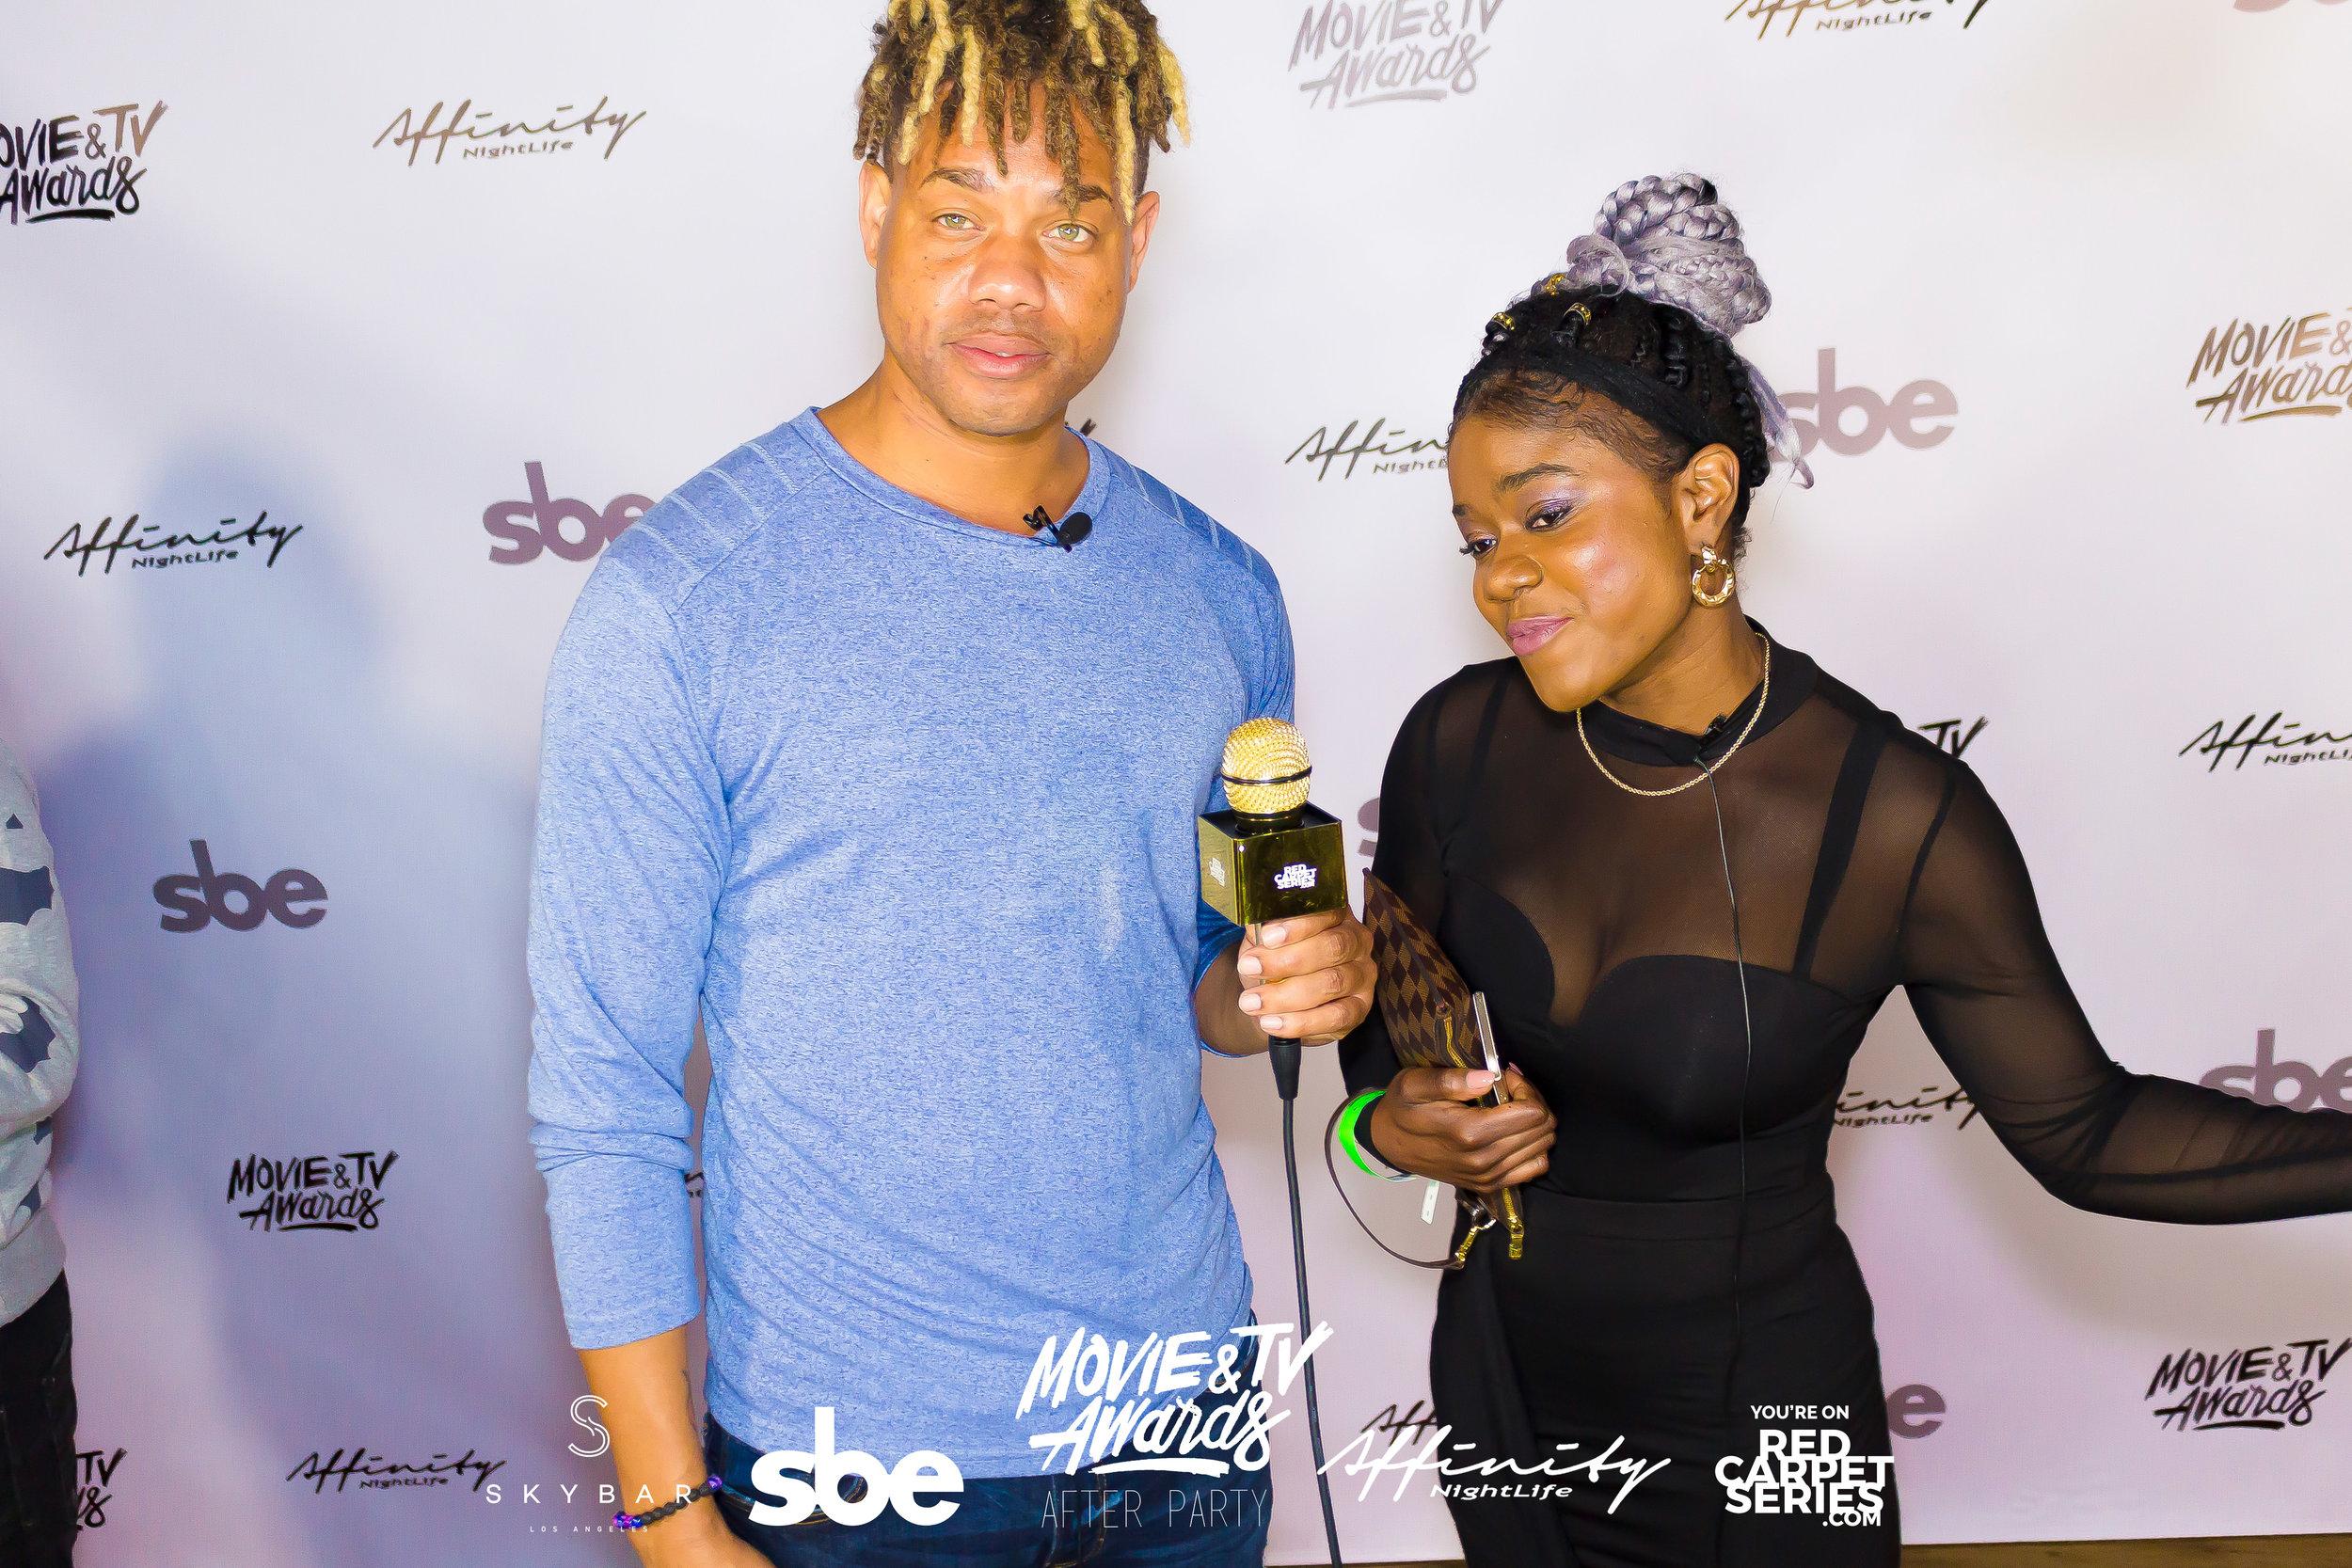 Affinity Nightlife MTV Movie & TV Awards After Party - Skybar at Mondrian - 06-15-19 - Vol. 1_117.jpg